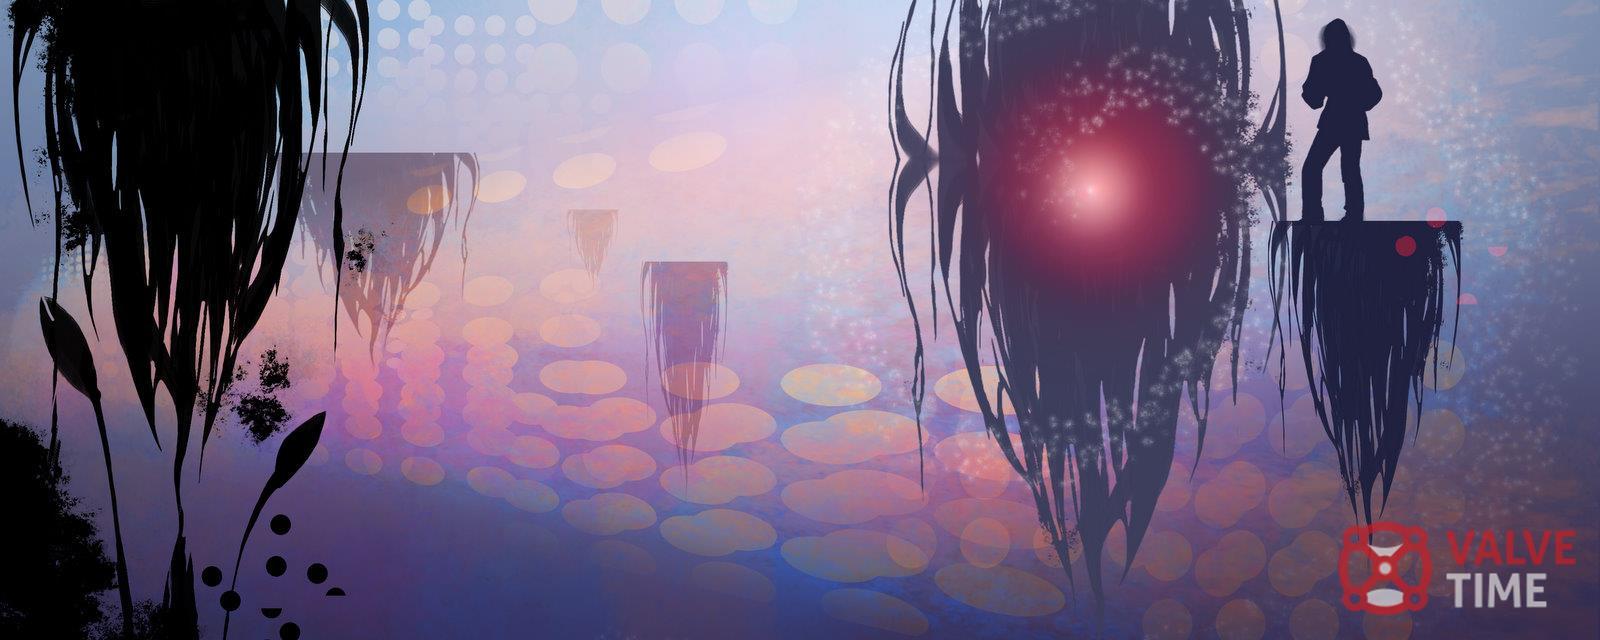 Valve Moderators Claim Leaked Half Life 2 Episode 3 Concept Art Is Legitimate Venturebeat